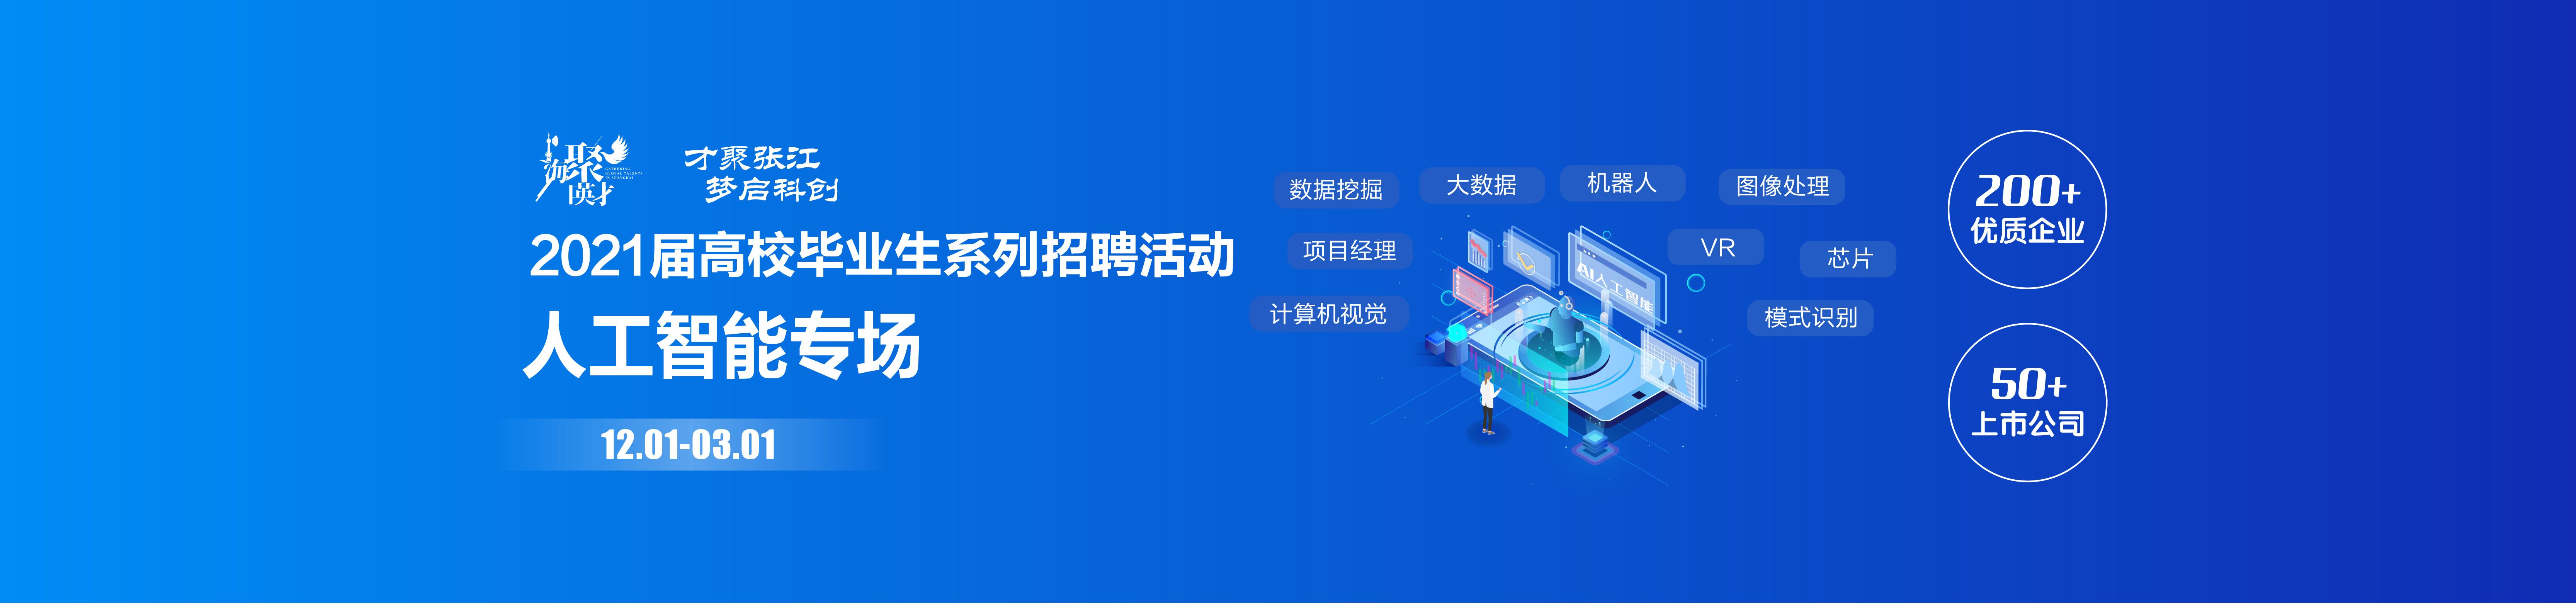 上海工程技术大学2021届毕业生招聘会人工智能专场